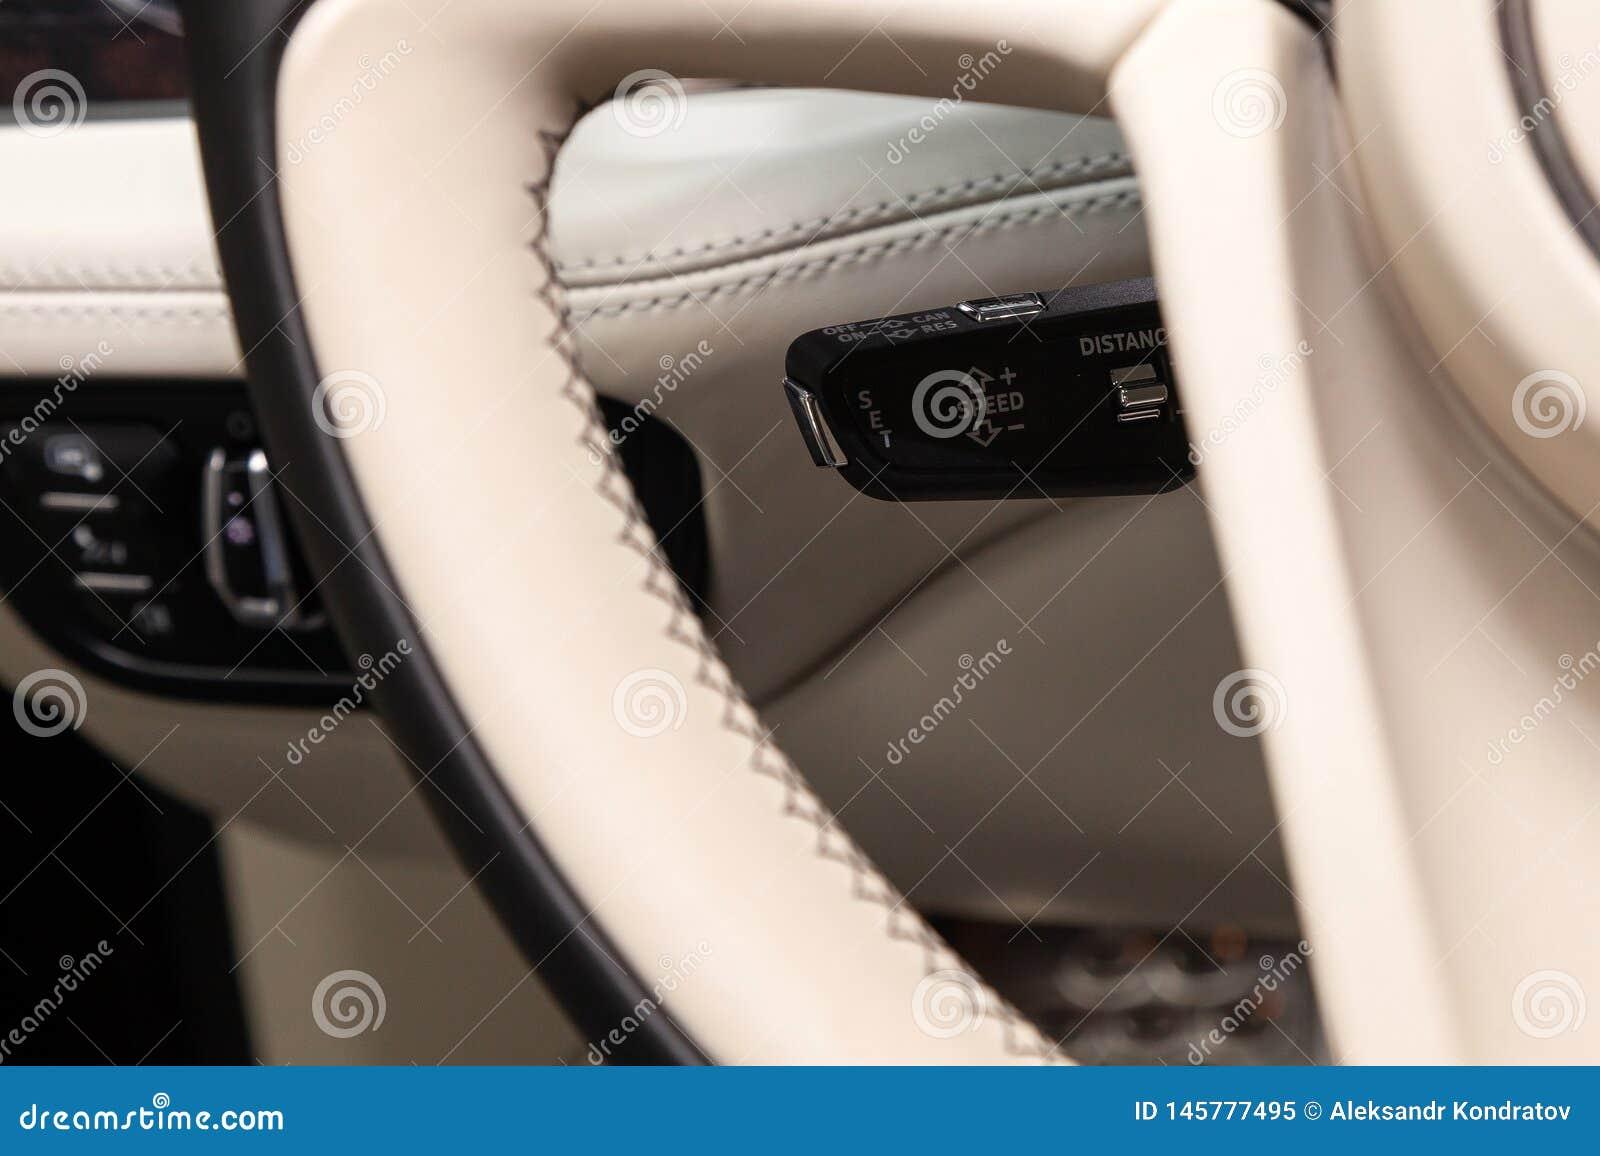 A alavanca do deslocamento para ajustar a velocidade autom?tica da cruise control dentro do close-up do carro situado perto do vo